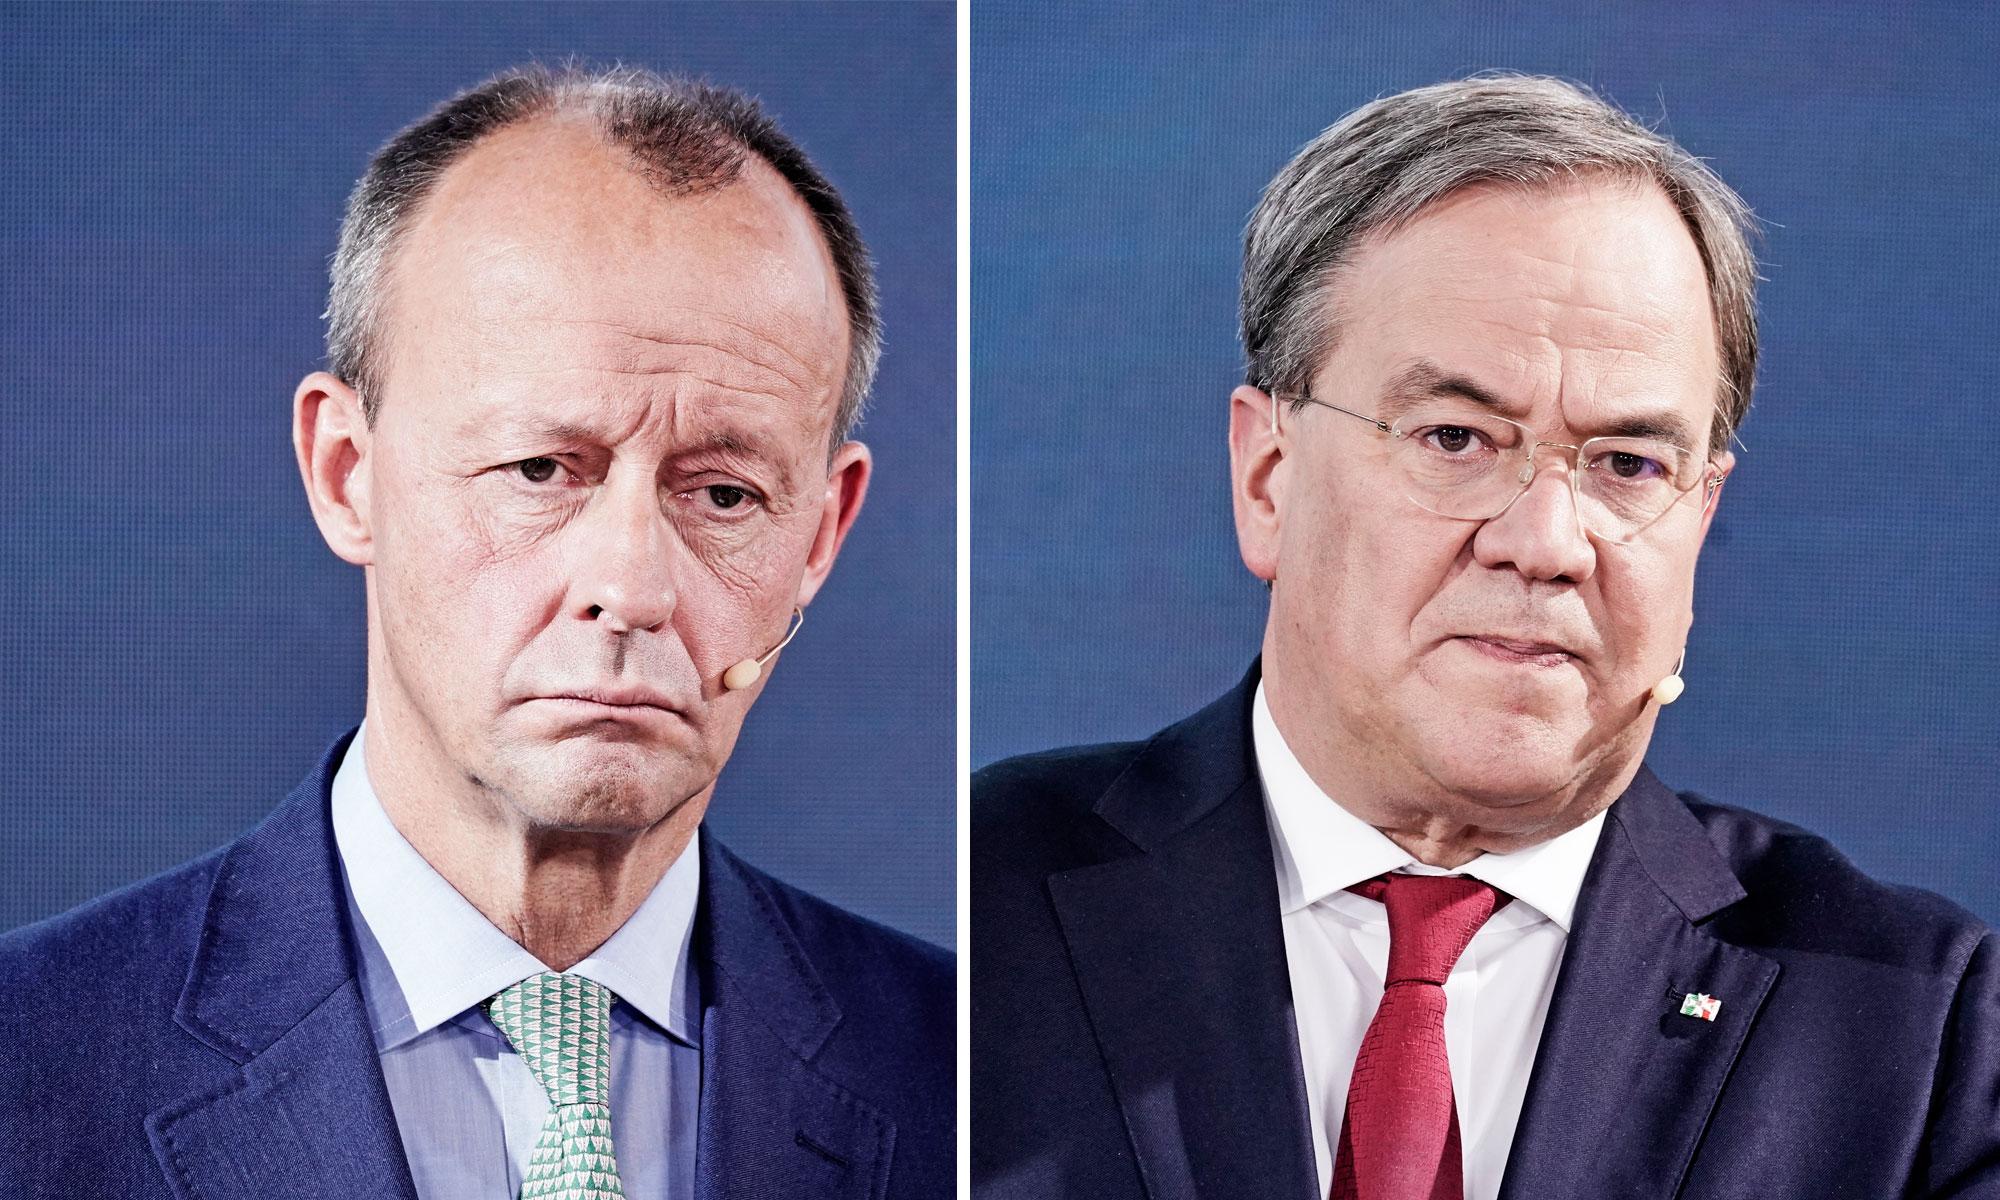 Kandidaten auf den CDU-Vorsitz: Friedrich Merz und Armin Laschet